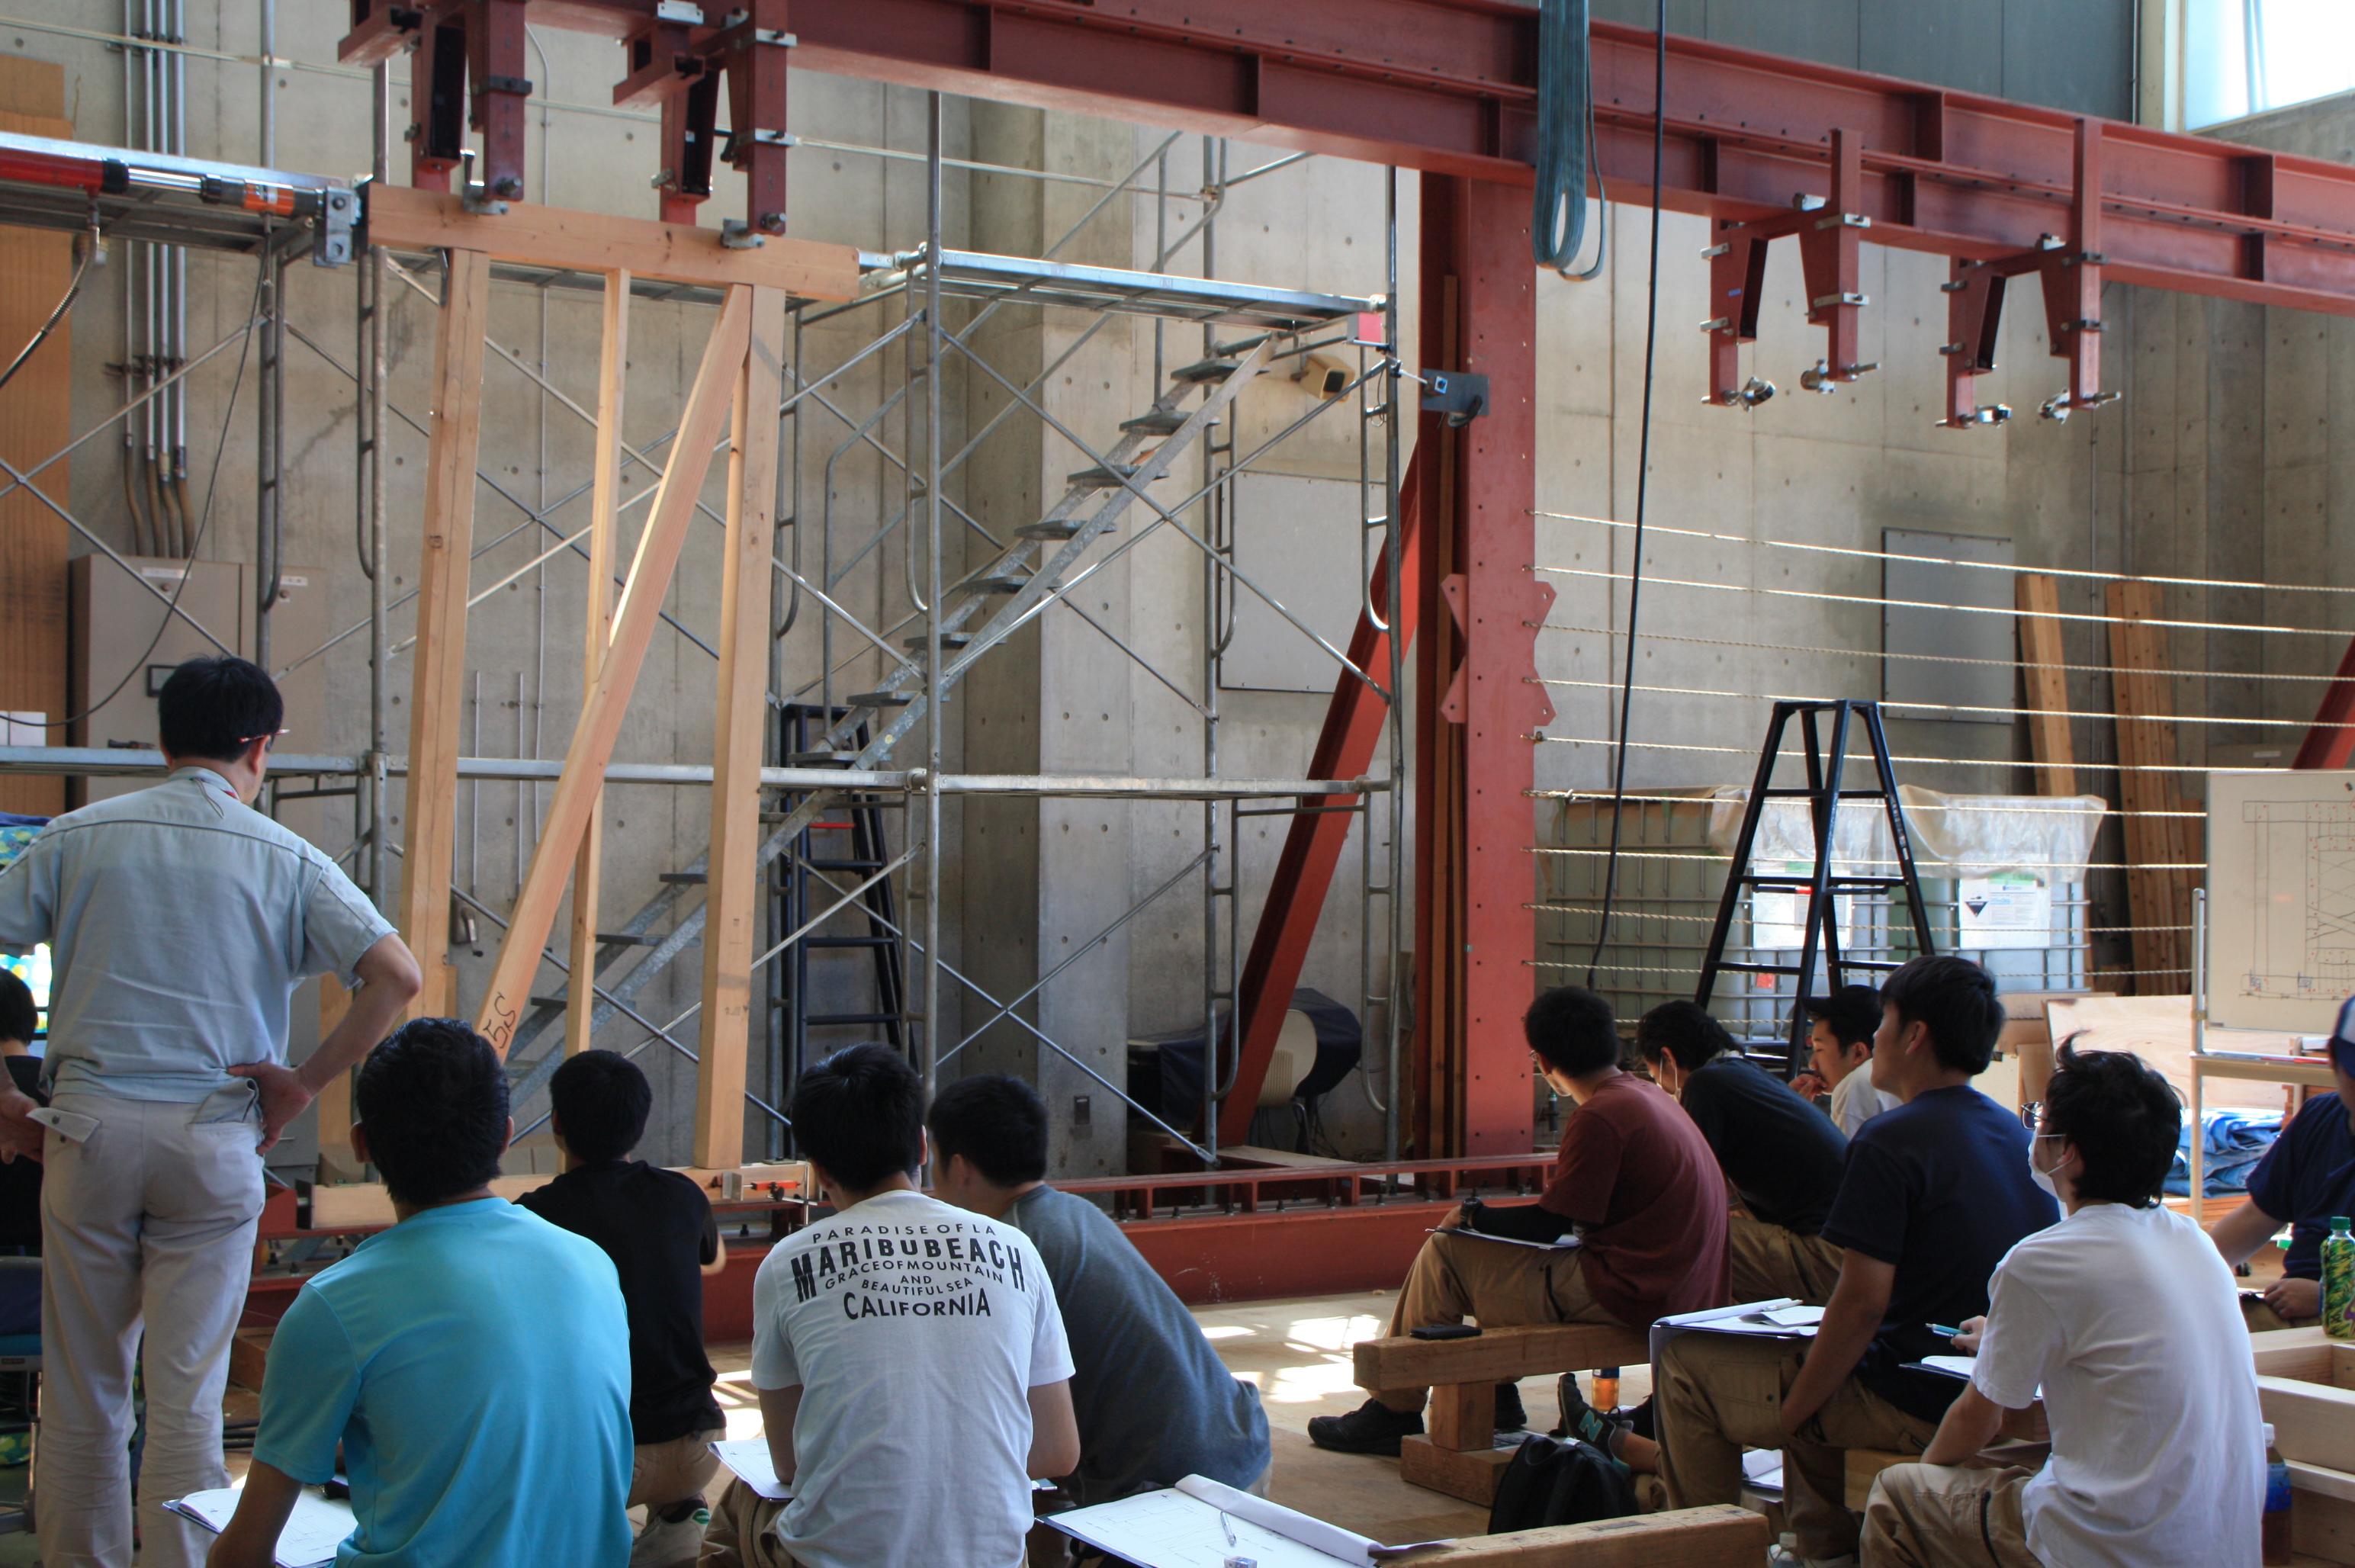 埼玉県立熊谷高等技術専門校が木造強度実験を実施